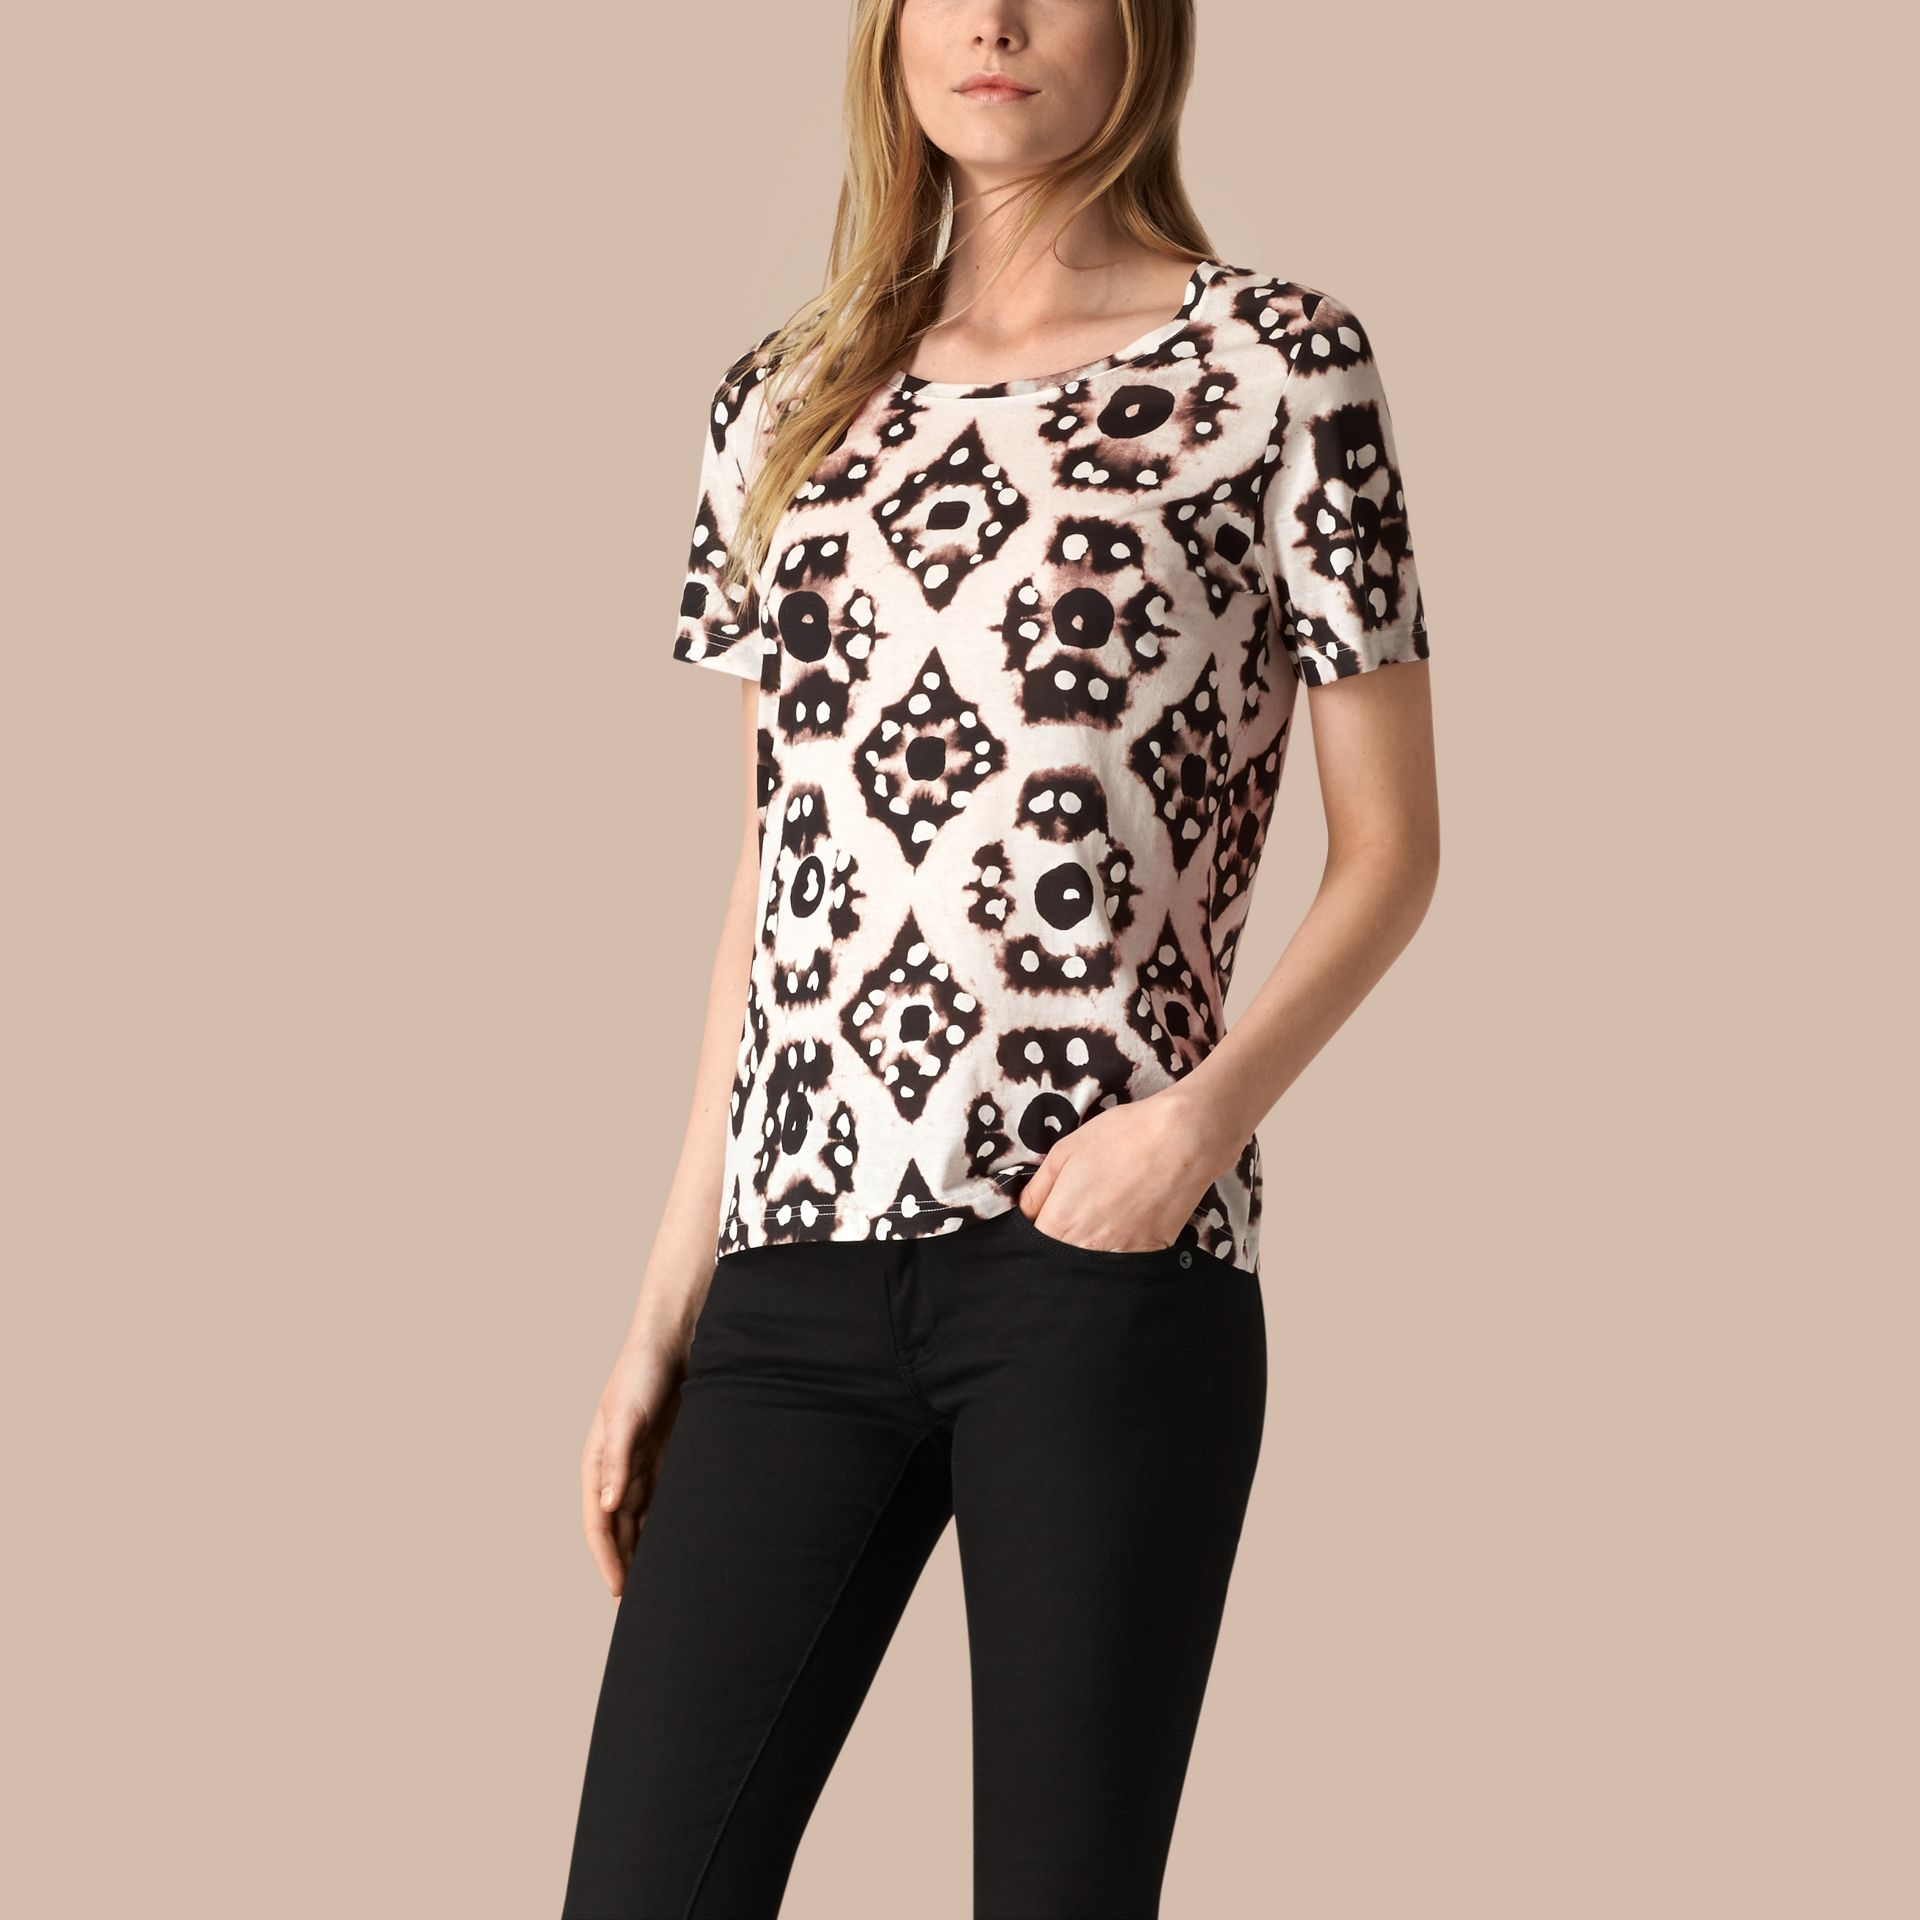 Schwarz/weiss T-Shirt aus Baumwolle mit Batikdruck Schwarz/weiss - Galerie-Bild 1